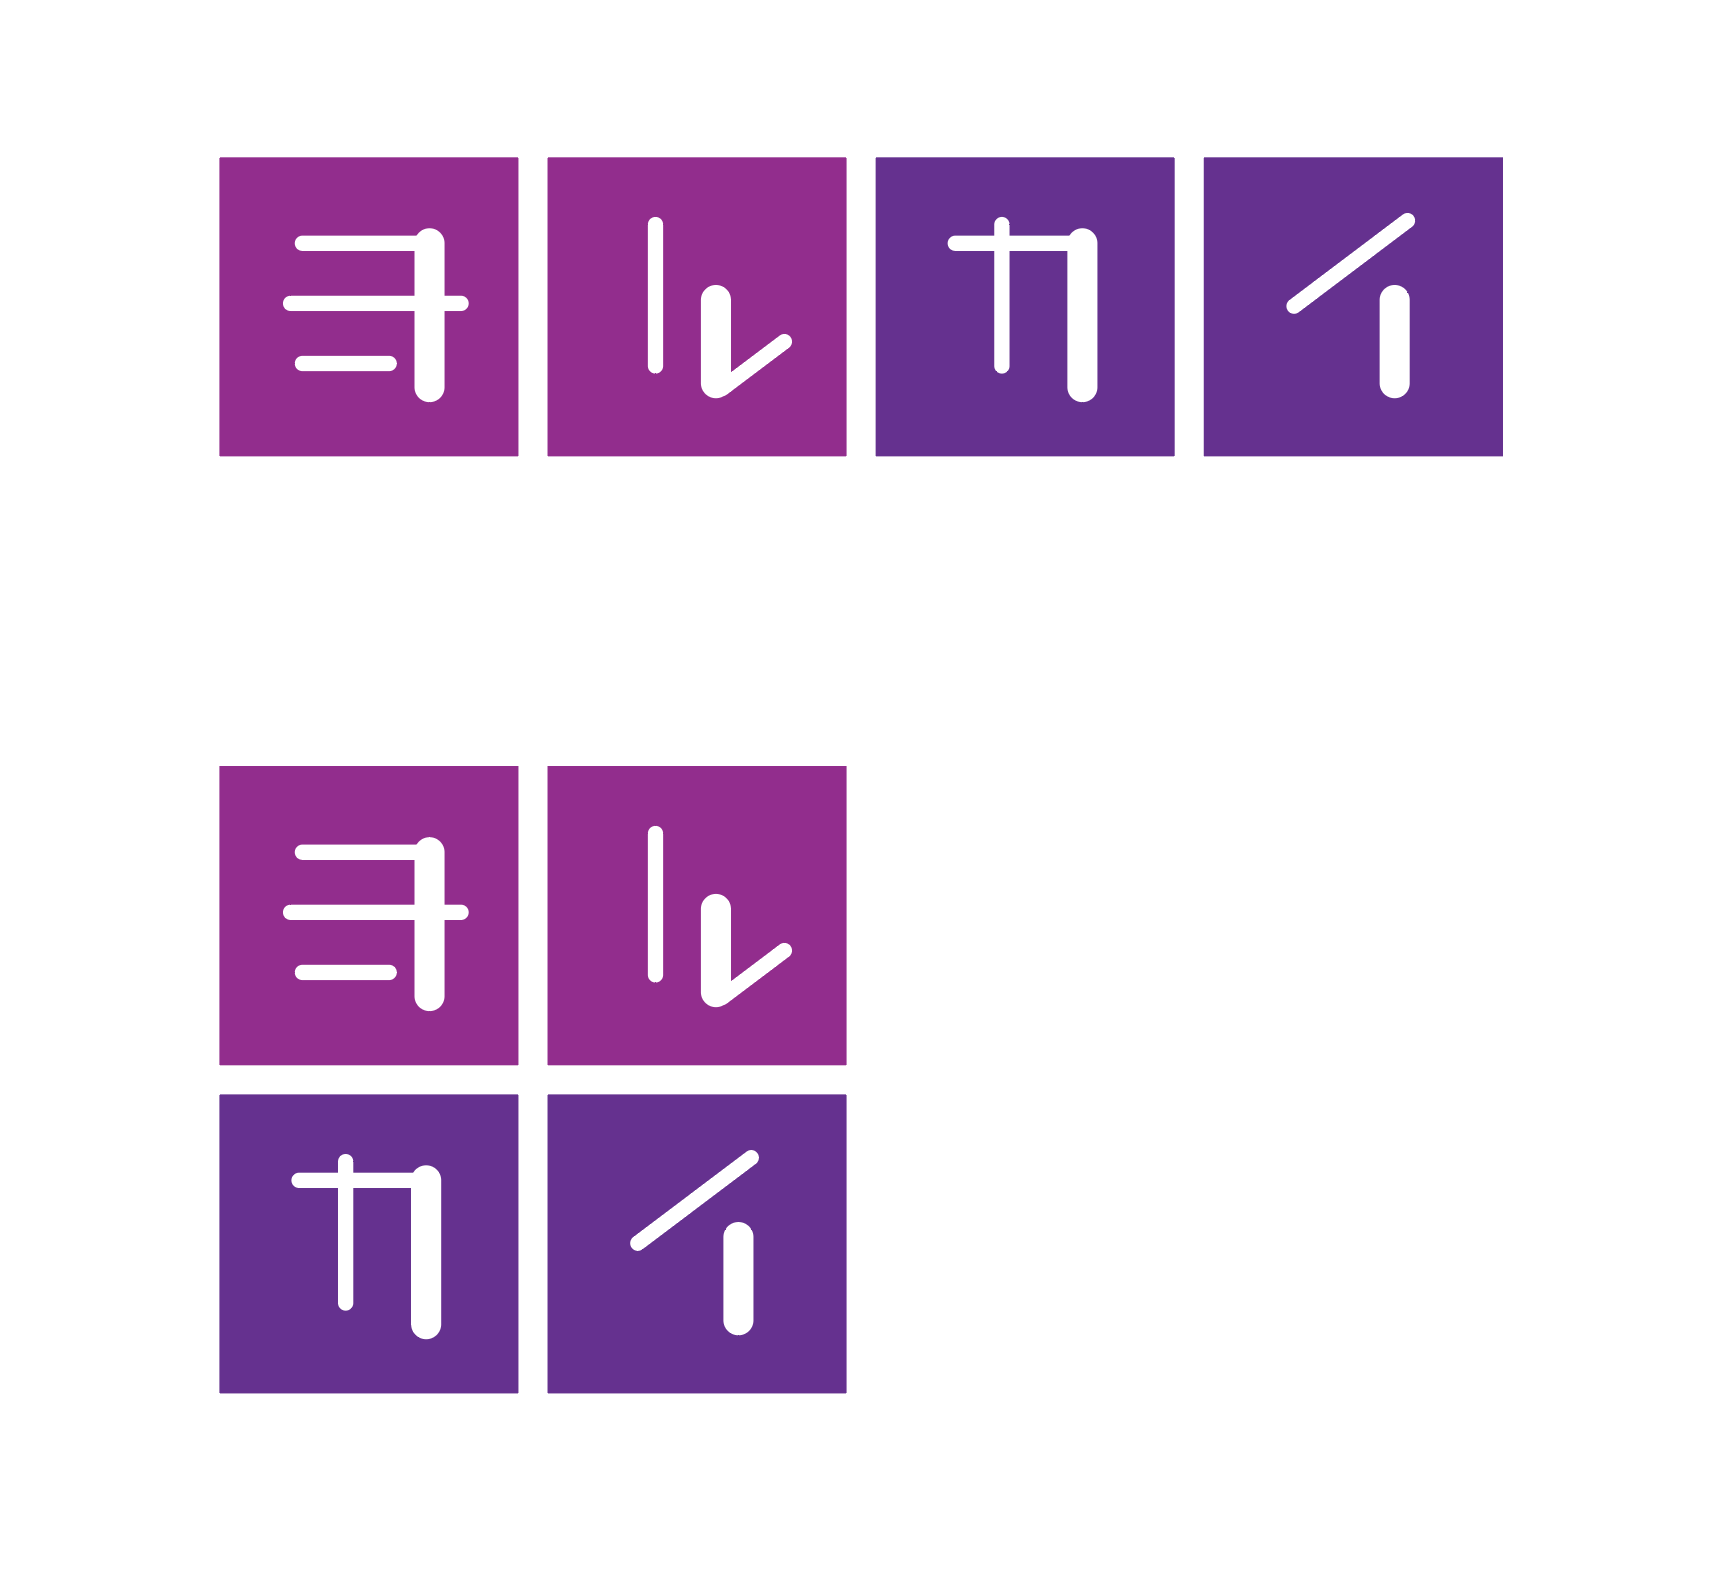 ヨルカイのロゴ